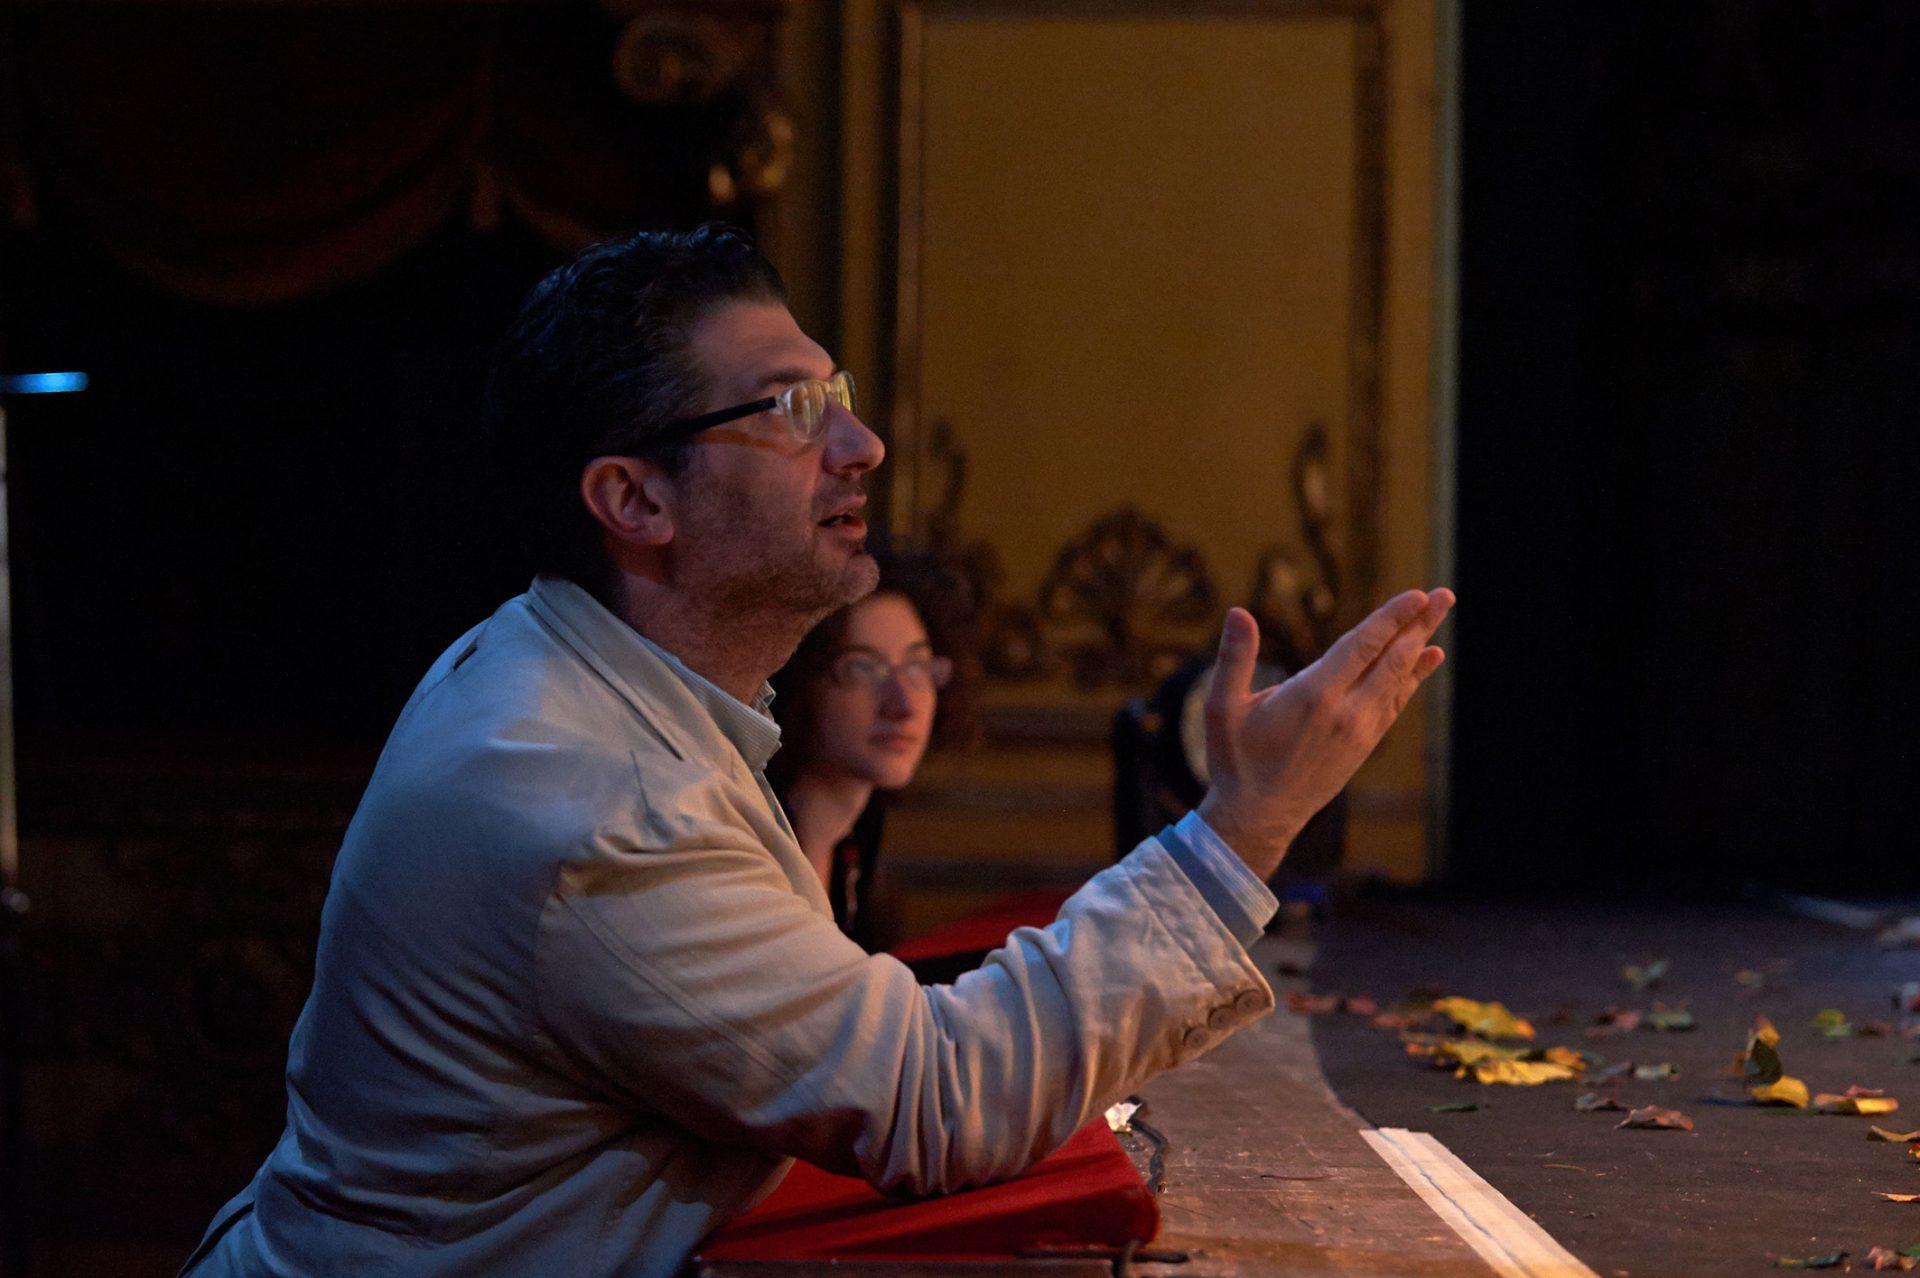 teatro-marrucino-la-boheme-4